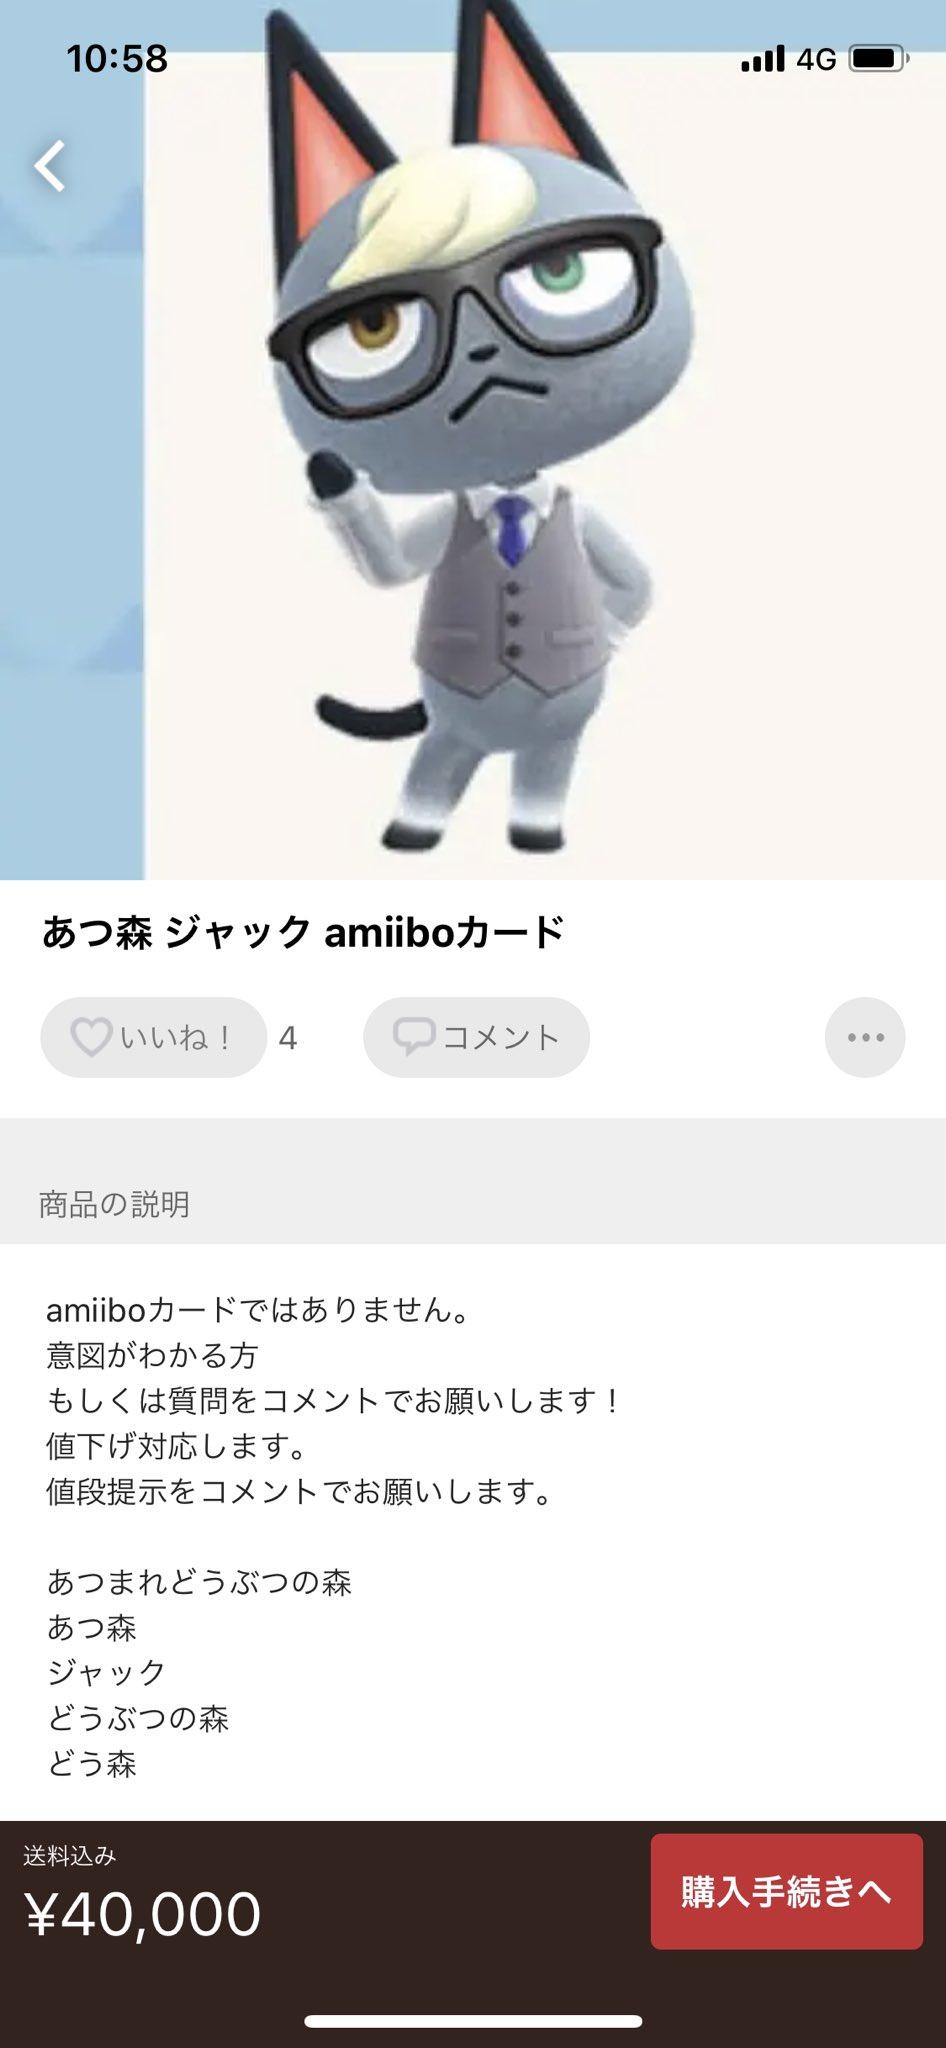 あつ amiibo ジャック 森